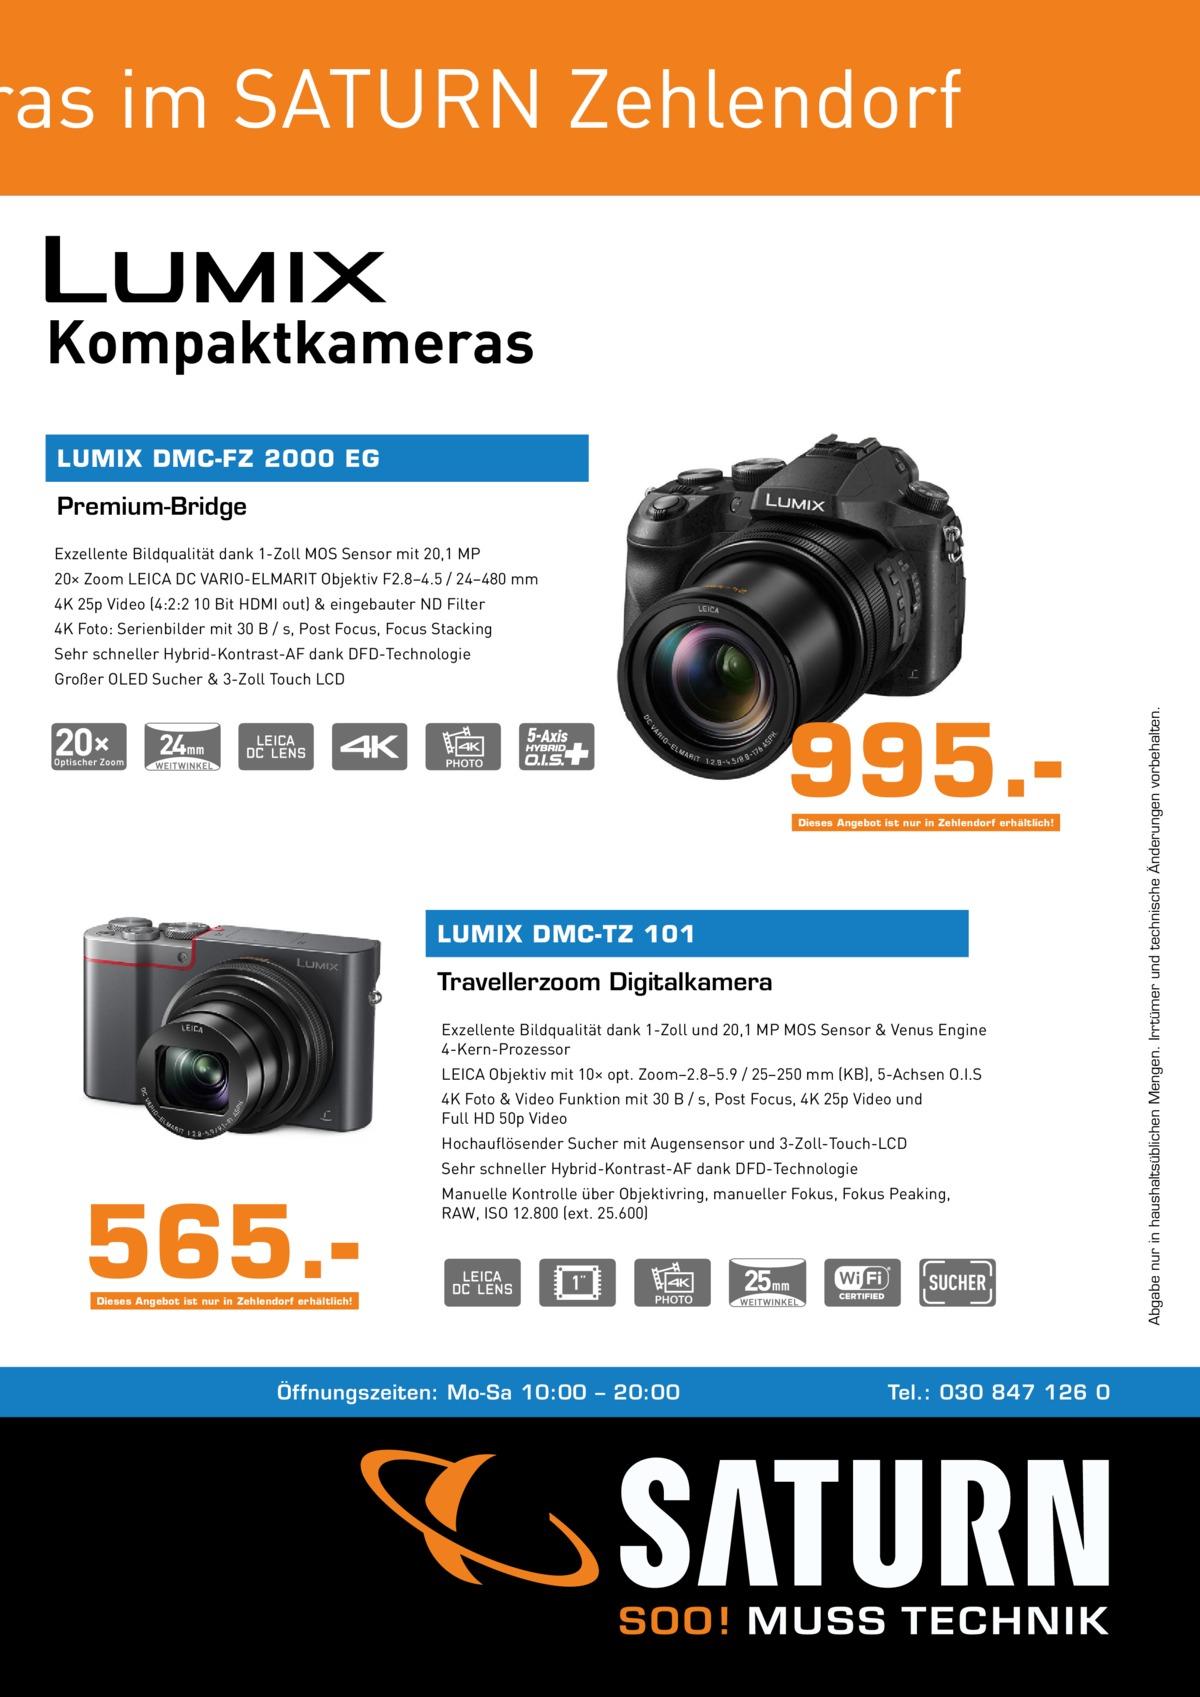 ras im SATURN Zehlendorf Kompaktkameras LUMIX DMC-FZ 2000 EG  Premium-Bridge Exzellente Bildqualität dank 1-Zoll MOS Sensor mit 20,1 MP 20× Zoom LEICA DC VARIO-ELMARIT Objektiv F2.8–4.5 / 24–480 mm 4K 25p Video (4:2:2 10 Bit HDMI out) & eingebauter ND Filter 4K Foto: Serienbilder mit 30 B / s, Post Focus, Focus Stacking Sehr schneller Hybrid-Kontrast-AF dank DFD-Technologie  995.Dieses Angebot ist nur in Zehlendorf erhältlich!  LUMIX DMC-TZ 101  Travellerzoom Digitalkamera Exzellente Bildqualität dank 1-Zoll und 20,1 MP MOS Sensor & Venus Engine 4-Kern-Prozessor LEICA Objektiv mit 10× opt. Zoom–2.8–5.9 / 25–250 mm (KB), 5-Achsen O.I.S 4K Foto & Video Funktion mit 30 B / s, Post Focus, 4K 25p Video und Full HD 50p Video Hochauflösender Sucher mit Augensensor und 3-Zoll-Touch-LCD Sehr schneller Hybrid-Kontrast-AF dank DFD-Technologie  565. Manuelle Kontrolle über Objektivring, manueller Fokus, Fokus Peaking, RAW, ISO 12.800 (ext. 25.600)  Dieses Angebot ist nur in Zehlendorf erhältlich!  Öffnungszeiten: Mo-Sa 10:00 – 20:00  Tel.: 030 847 126 0  Abgabe nur in haushaltsüblichen Mengen. Irrtümer und technische Änderungen vorbehalten.  Großer OLED Sucher & 3-Zoll Touch LCD